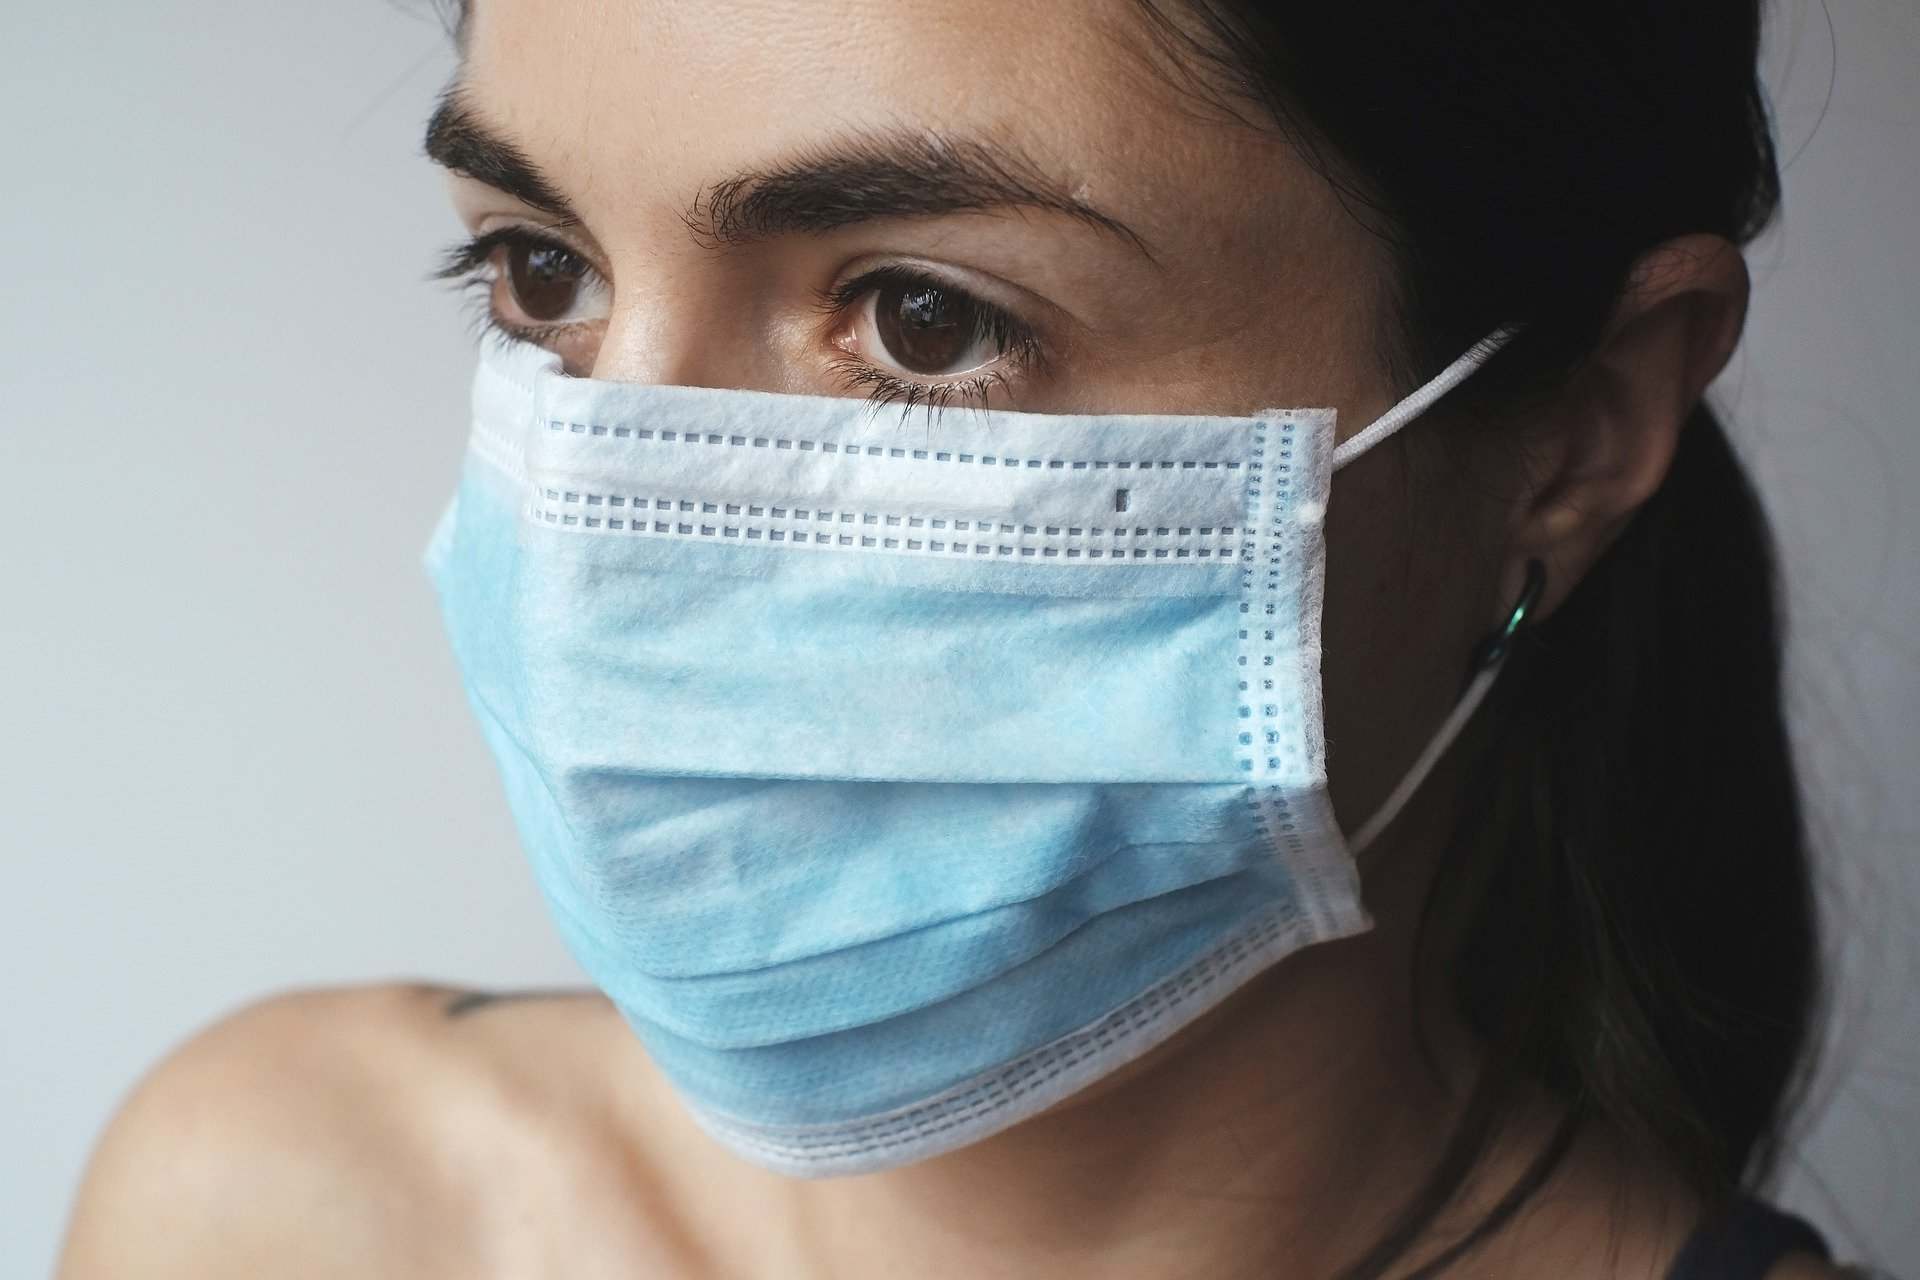 マスク不足解消されるのはいつ? マスクがなくても除菌・抗菌できる代替品